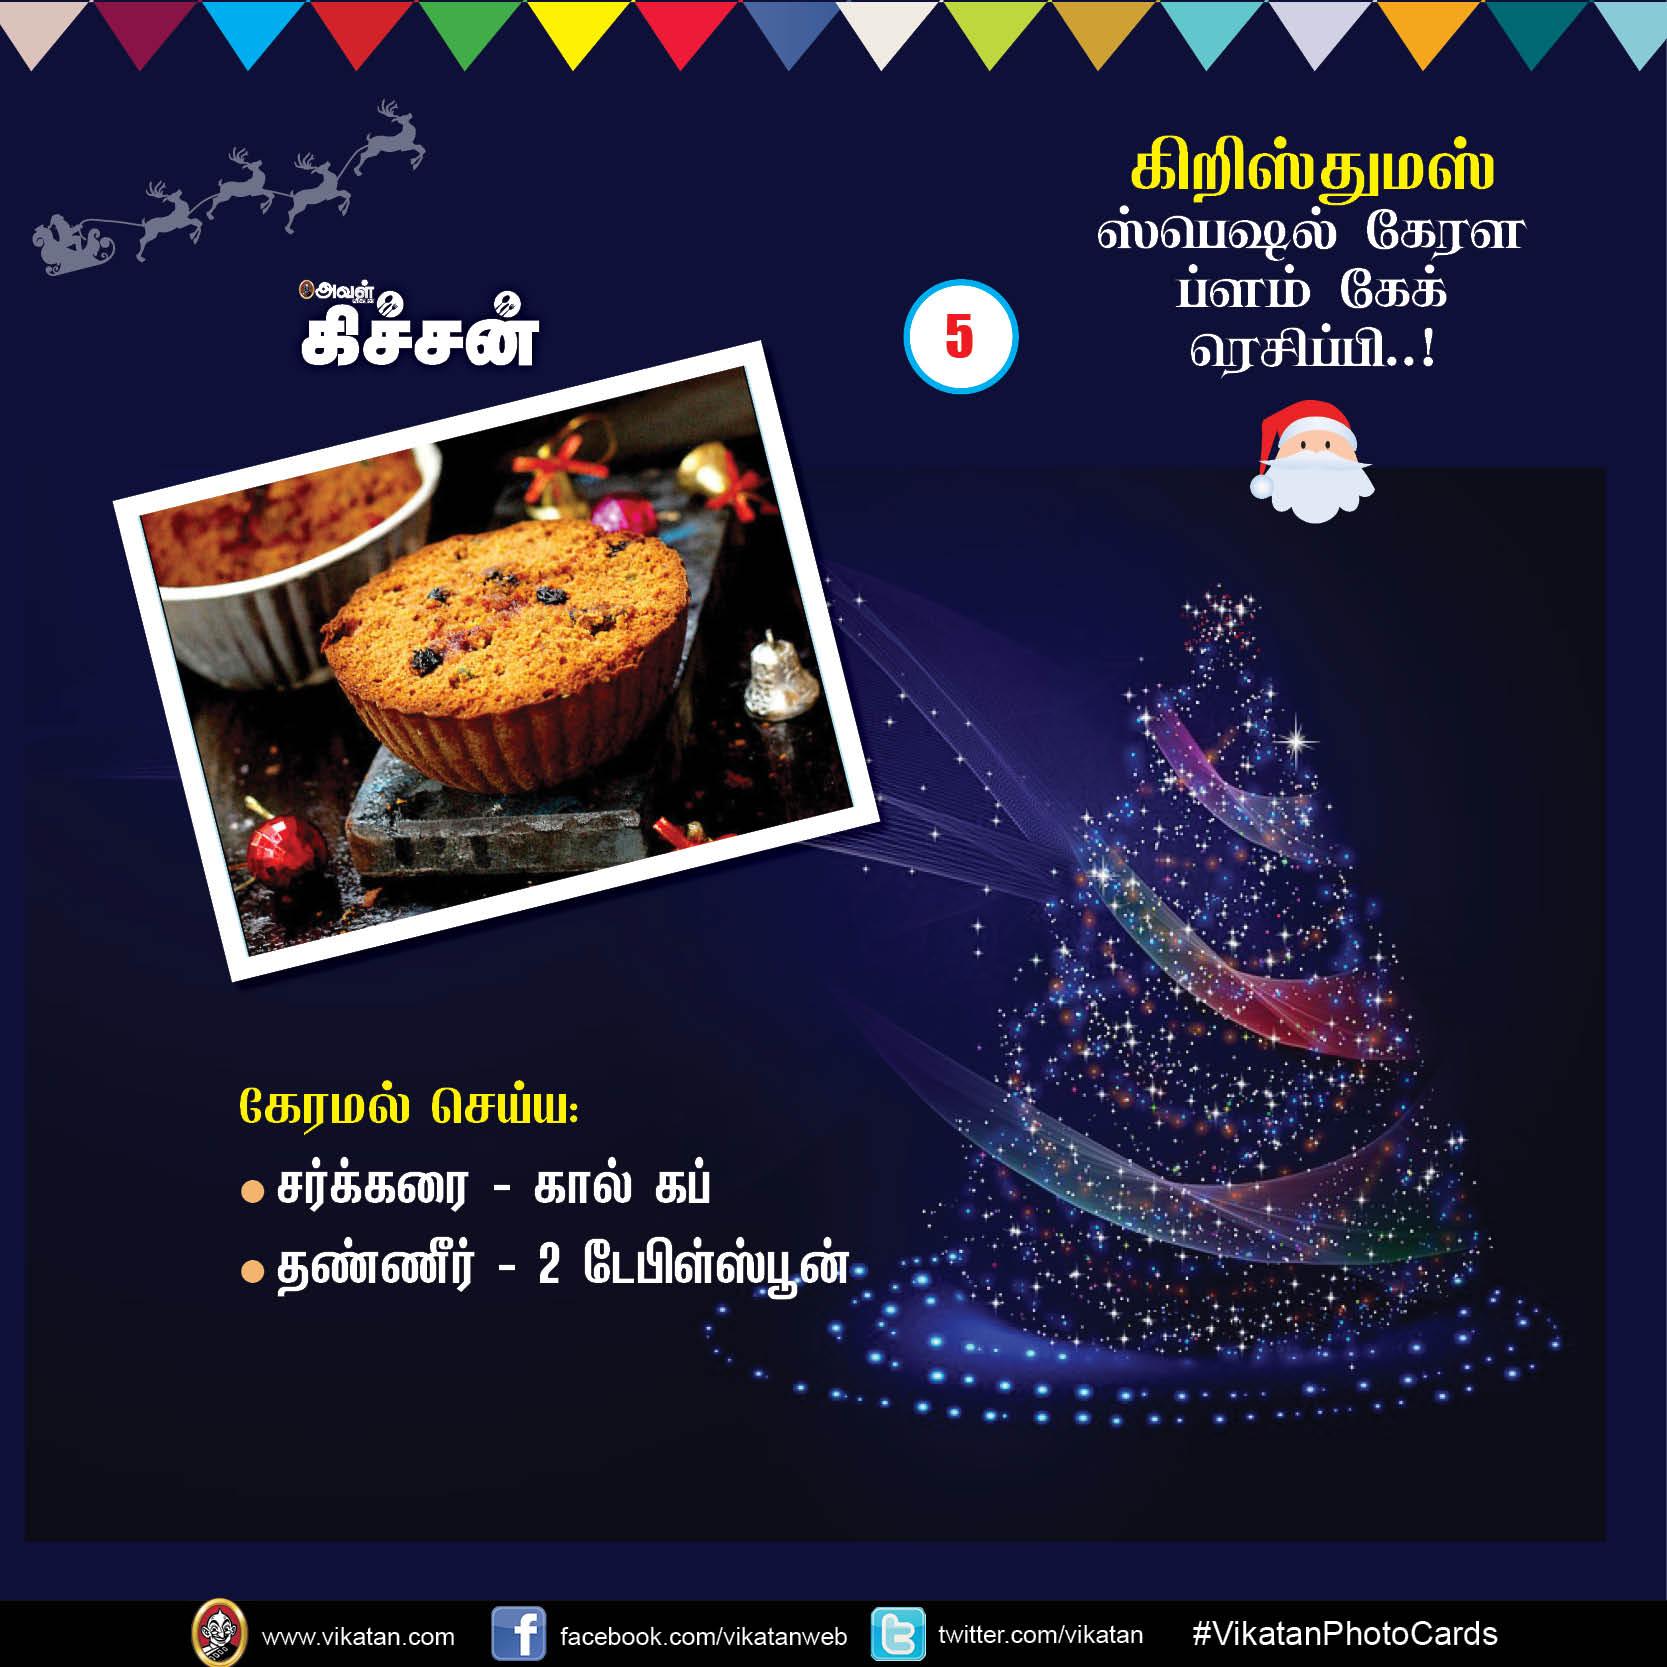 கிறிஸ்துமஸ் ஸ்பெஷல் கேரள ப்ளம் கேக் ரெசிப்பி..! #VikatanPhotoCards #Christmas